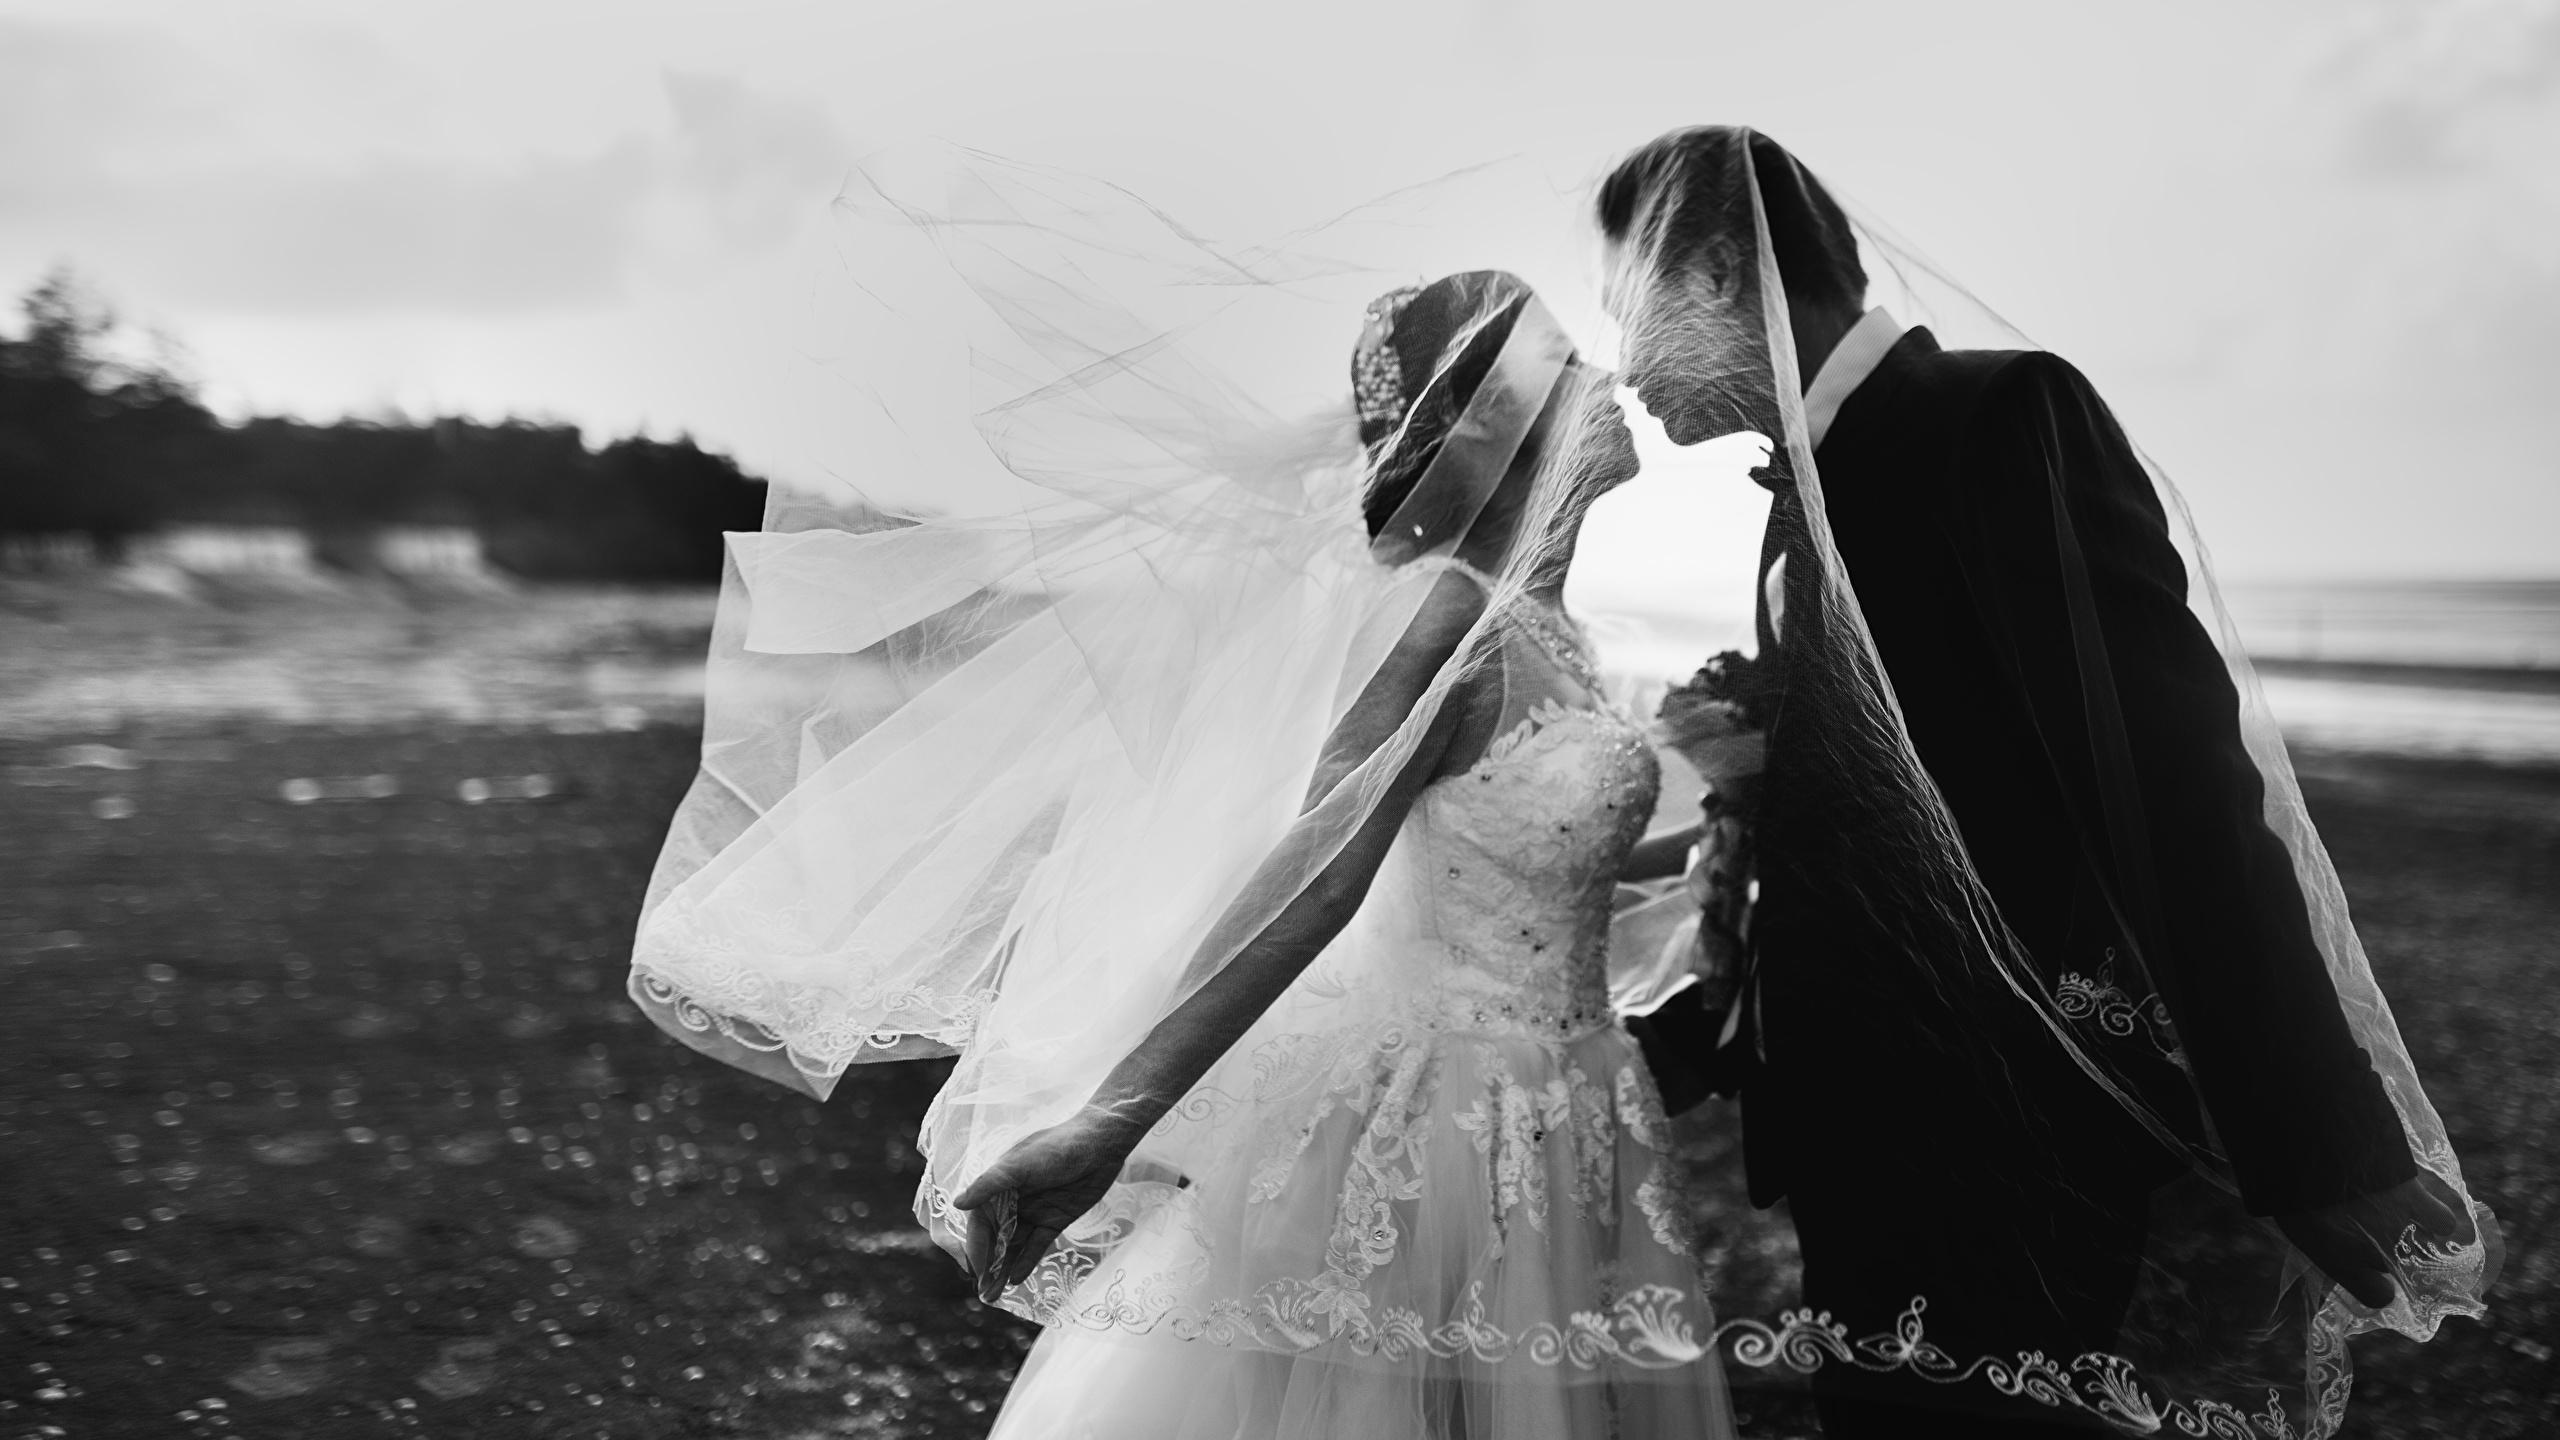 Фото Жених Невеста Свадьба Мужчины Поцелуй Любовь вдвоем Девушки Черно белое 2560x1440 2 Двое